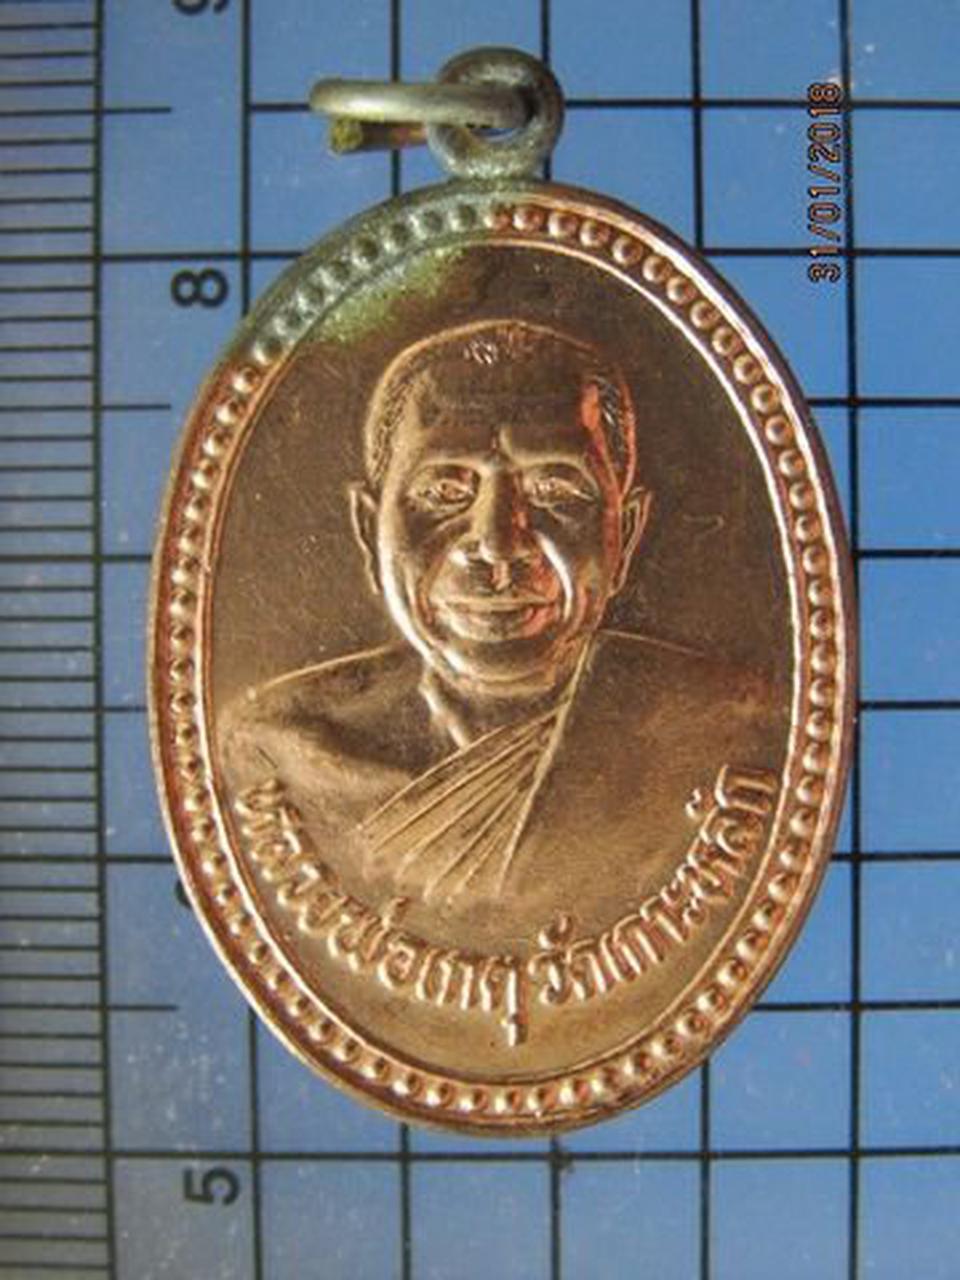 5056 เหรียญหลวงพ่อเกตุ วัดเกาะหลัก ปี 2528 จ.ประจวบคีรีขันธ์ รูปที่ 2